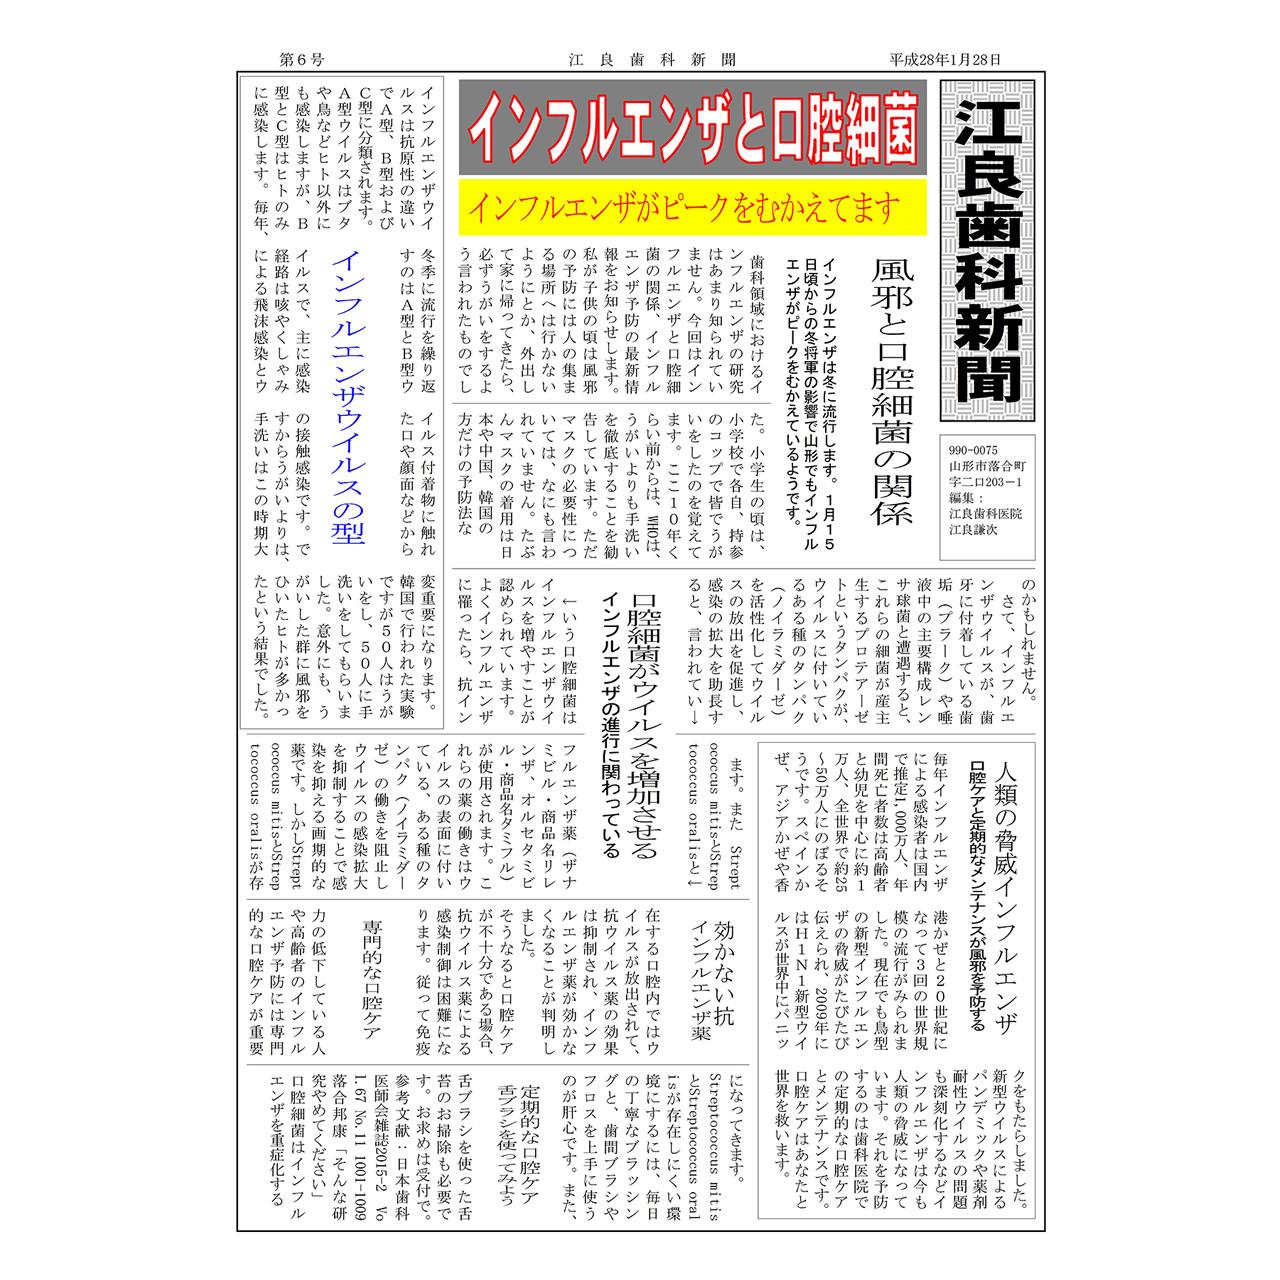 平成28年1月28日発行